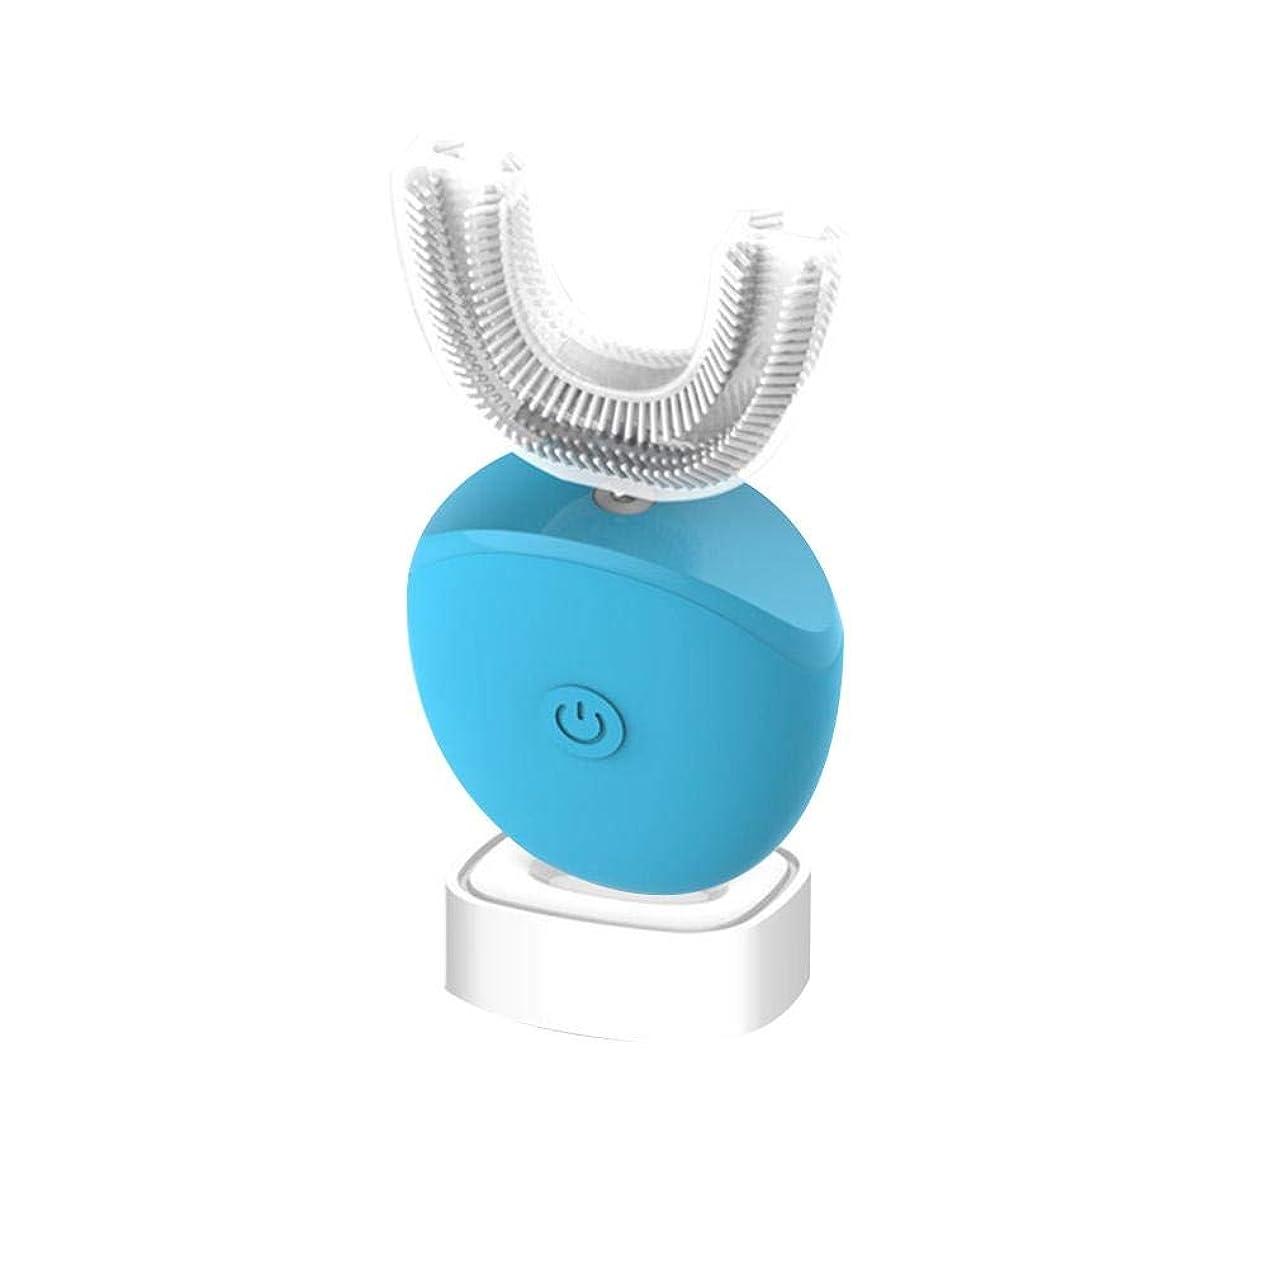 著者ファイター道を作るフルオートマチック可変周波数電動歯ブラシ、自動360度U字型電動歯ブラシ、ワイヤレス充電IPX7防水自動歯ブラシ(大人用),Blue